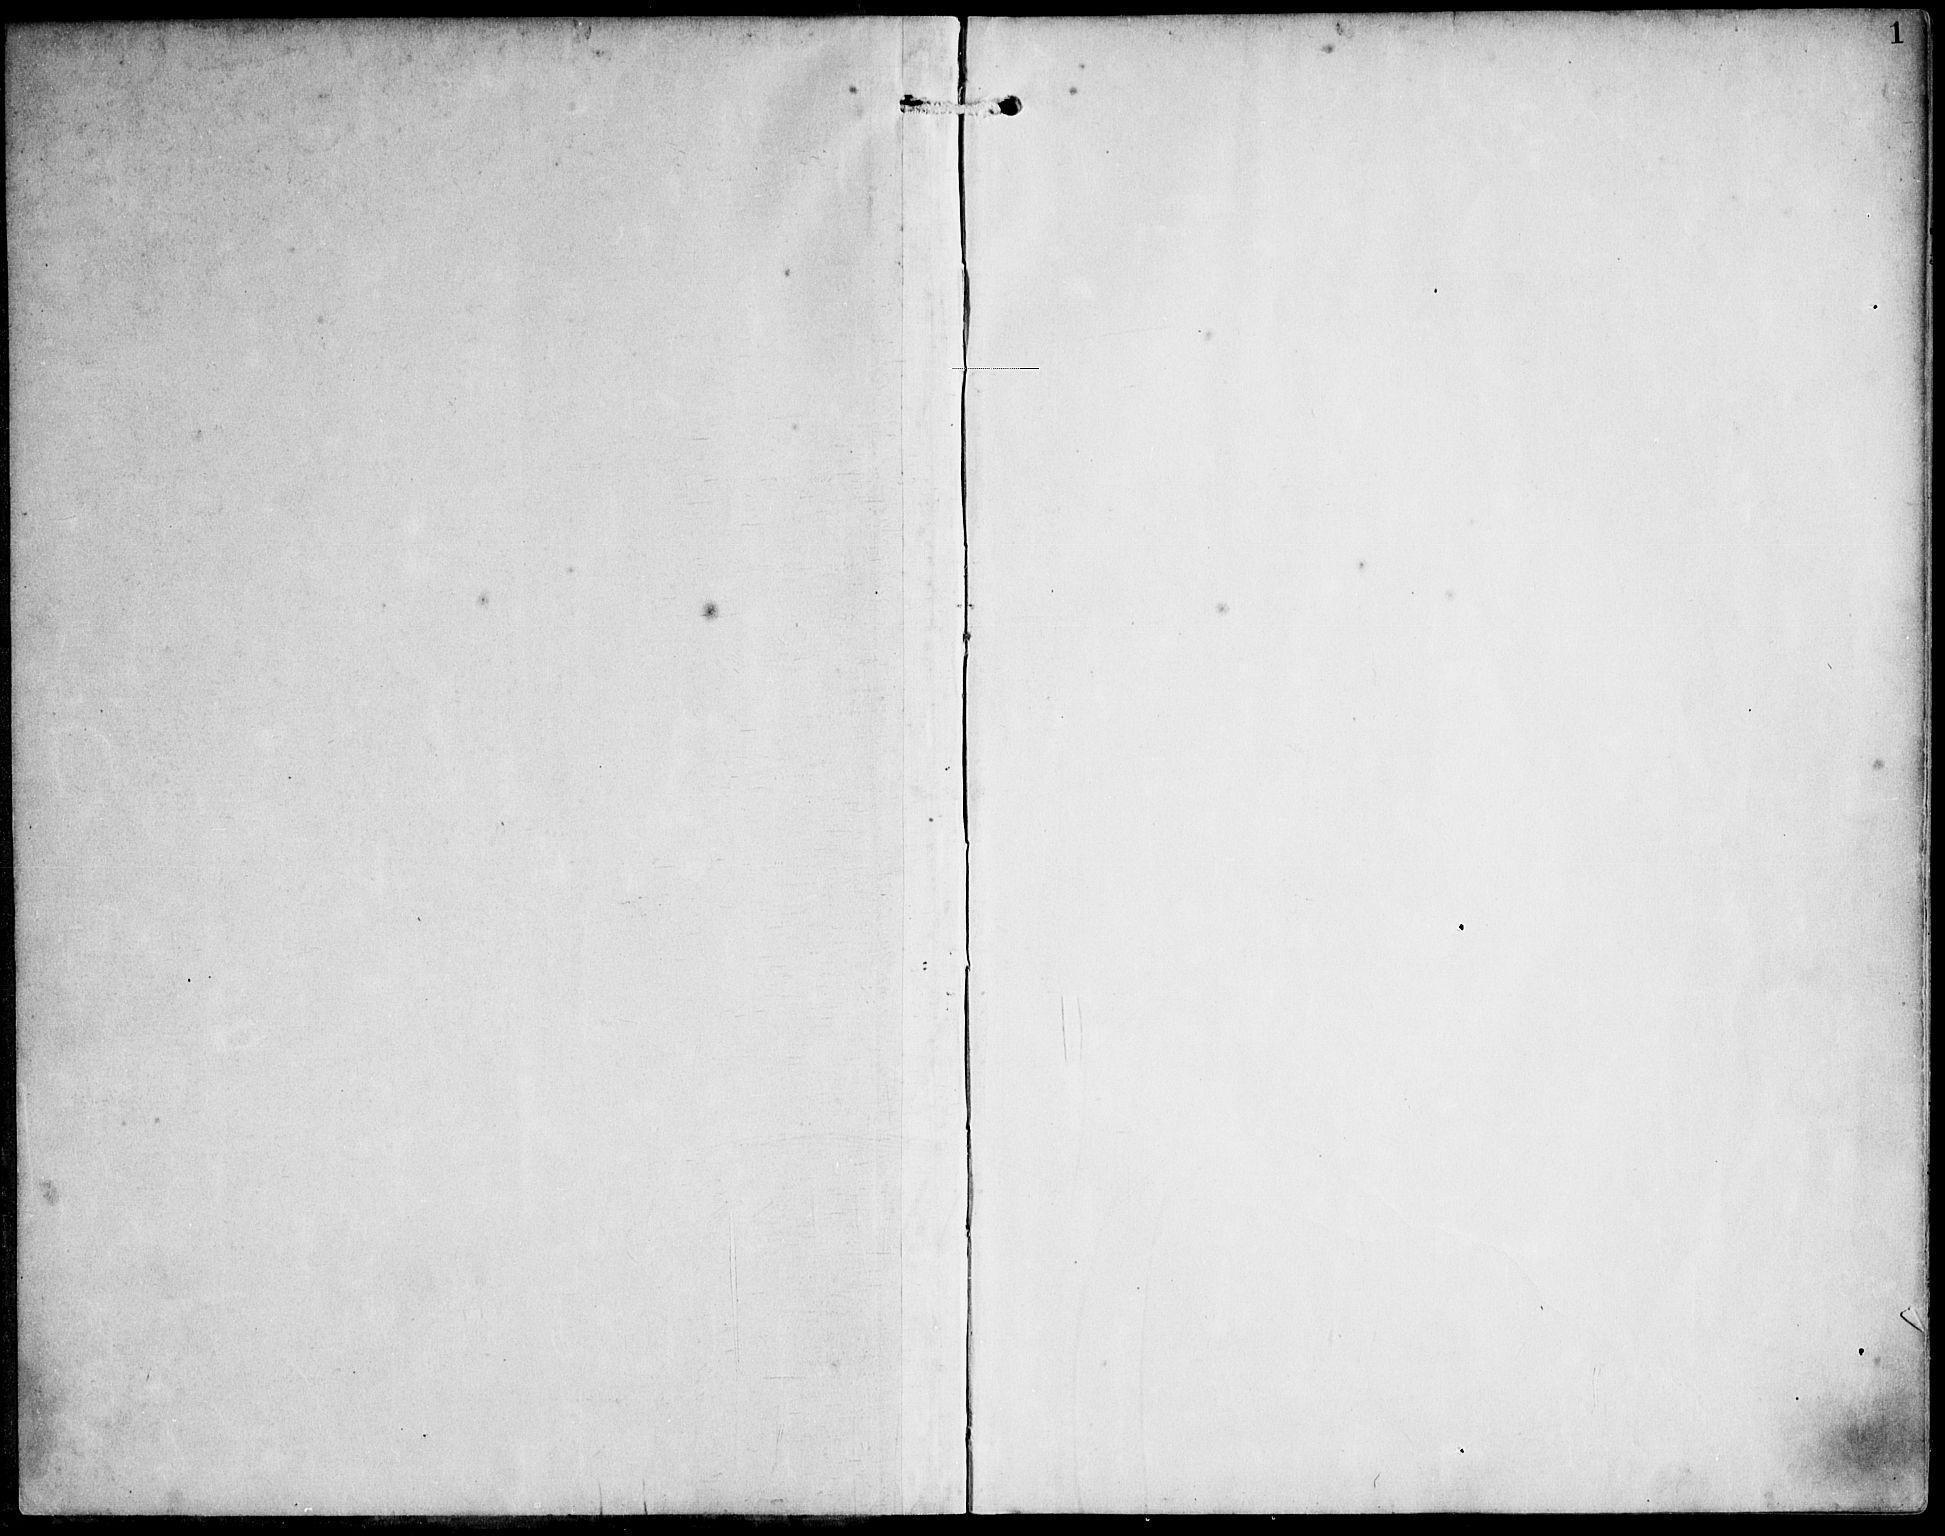 SAT, Ministerialprotokoller, klokkerbøker og fødselsregistre - Nord-Trøndelag, 788/L0698: Ministerialbok nr. 788A05, 1902-1921, s. 1